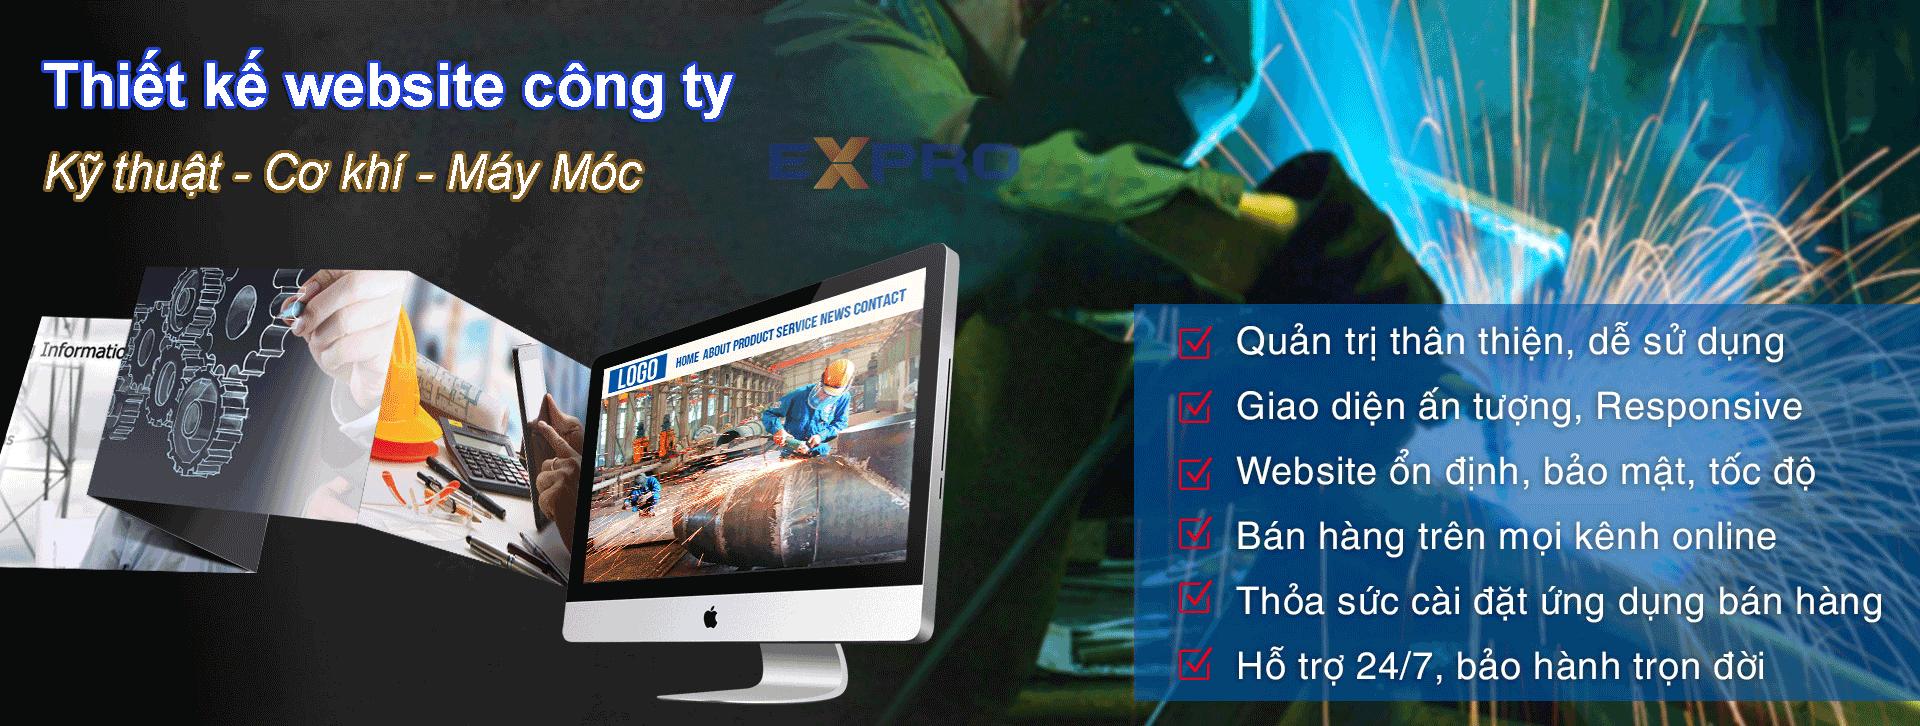 Thiết kế website kỹ thuật, bán hàng công ty cơ khí, máy móc chuyên nghiệp chuẩn SEO